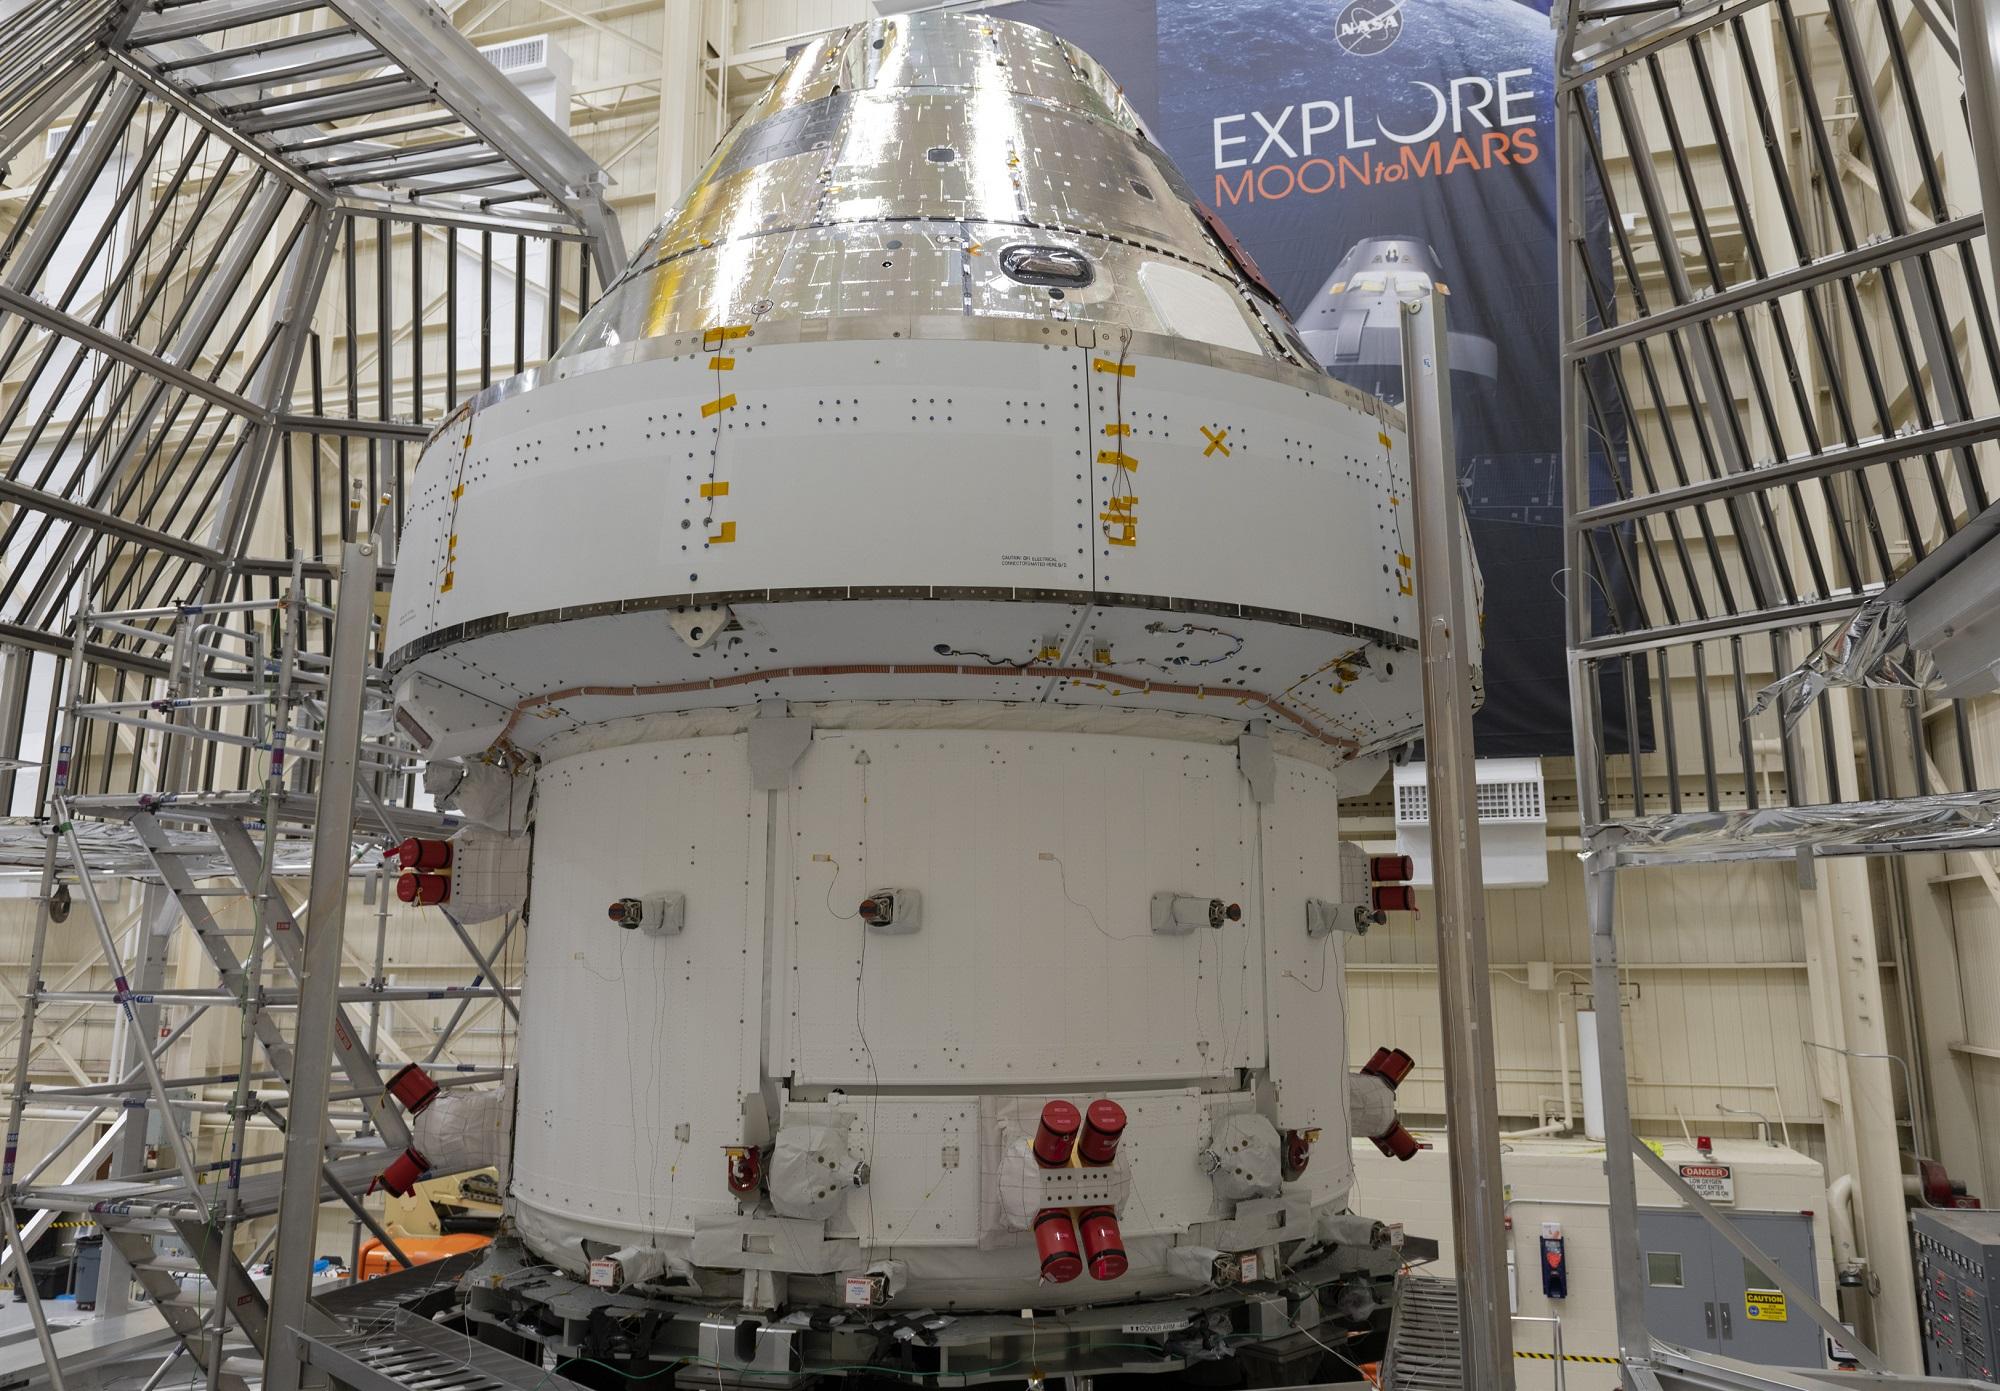 Orion, det nye romfartøyet som skal frakte astronauter til månen, er nå fremme hos NASA og skal testes grundig. Foto: ESA/S. Corvaja